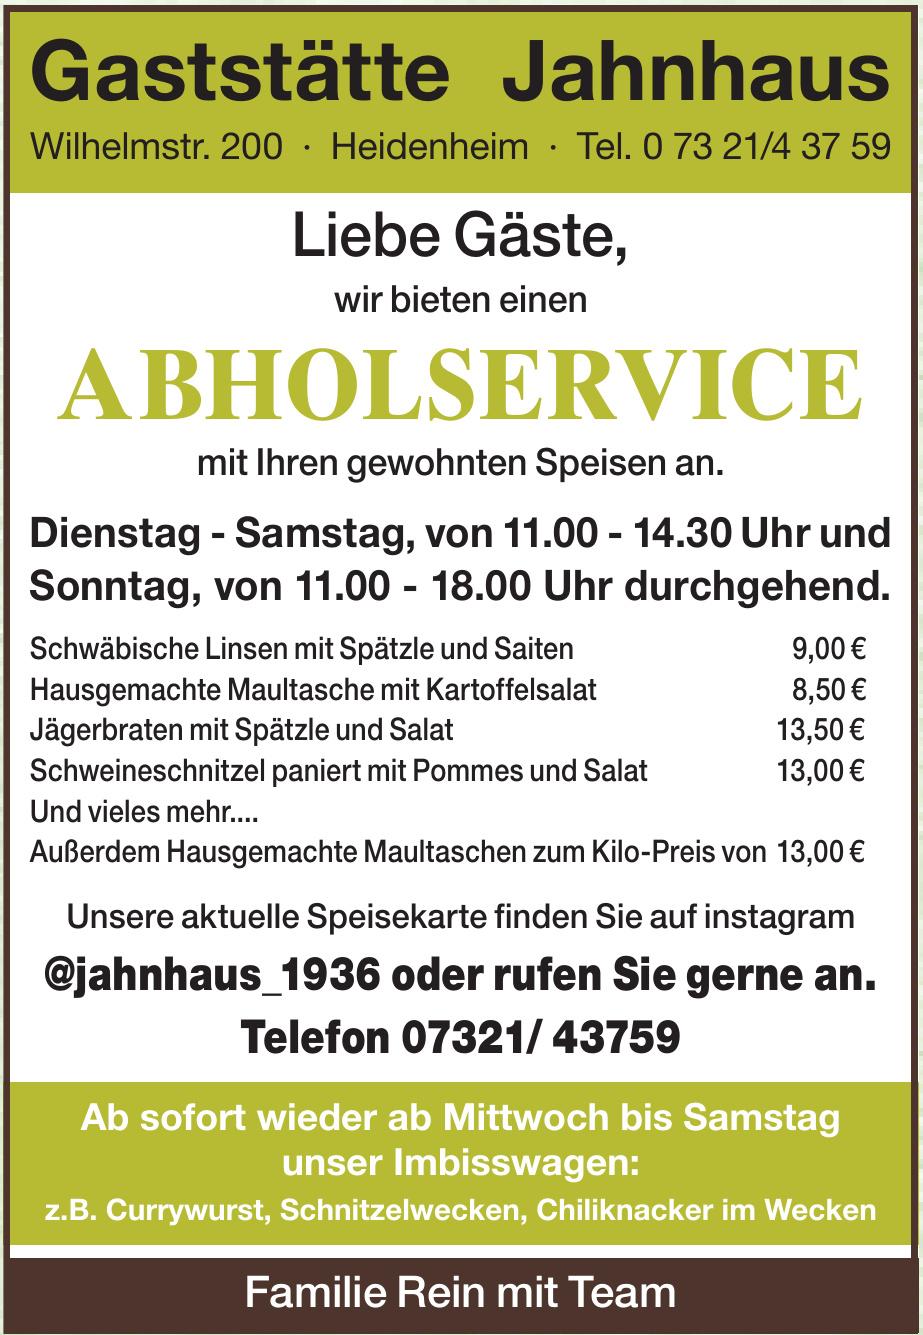 Gaststätte Jahnhaus